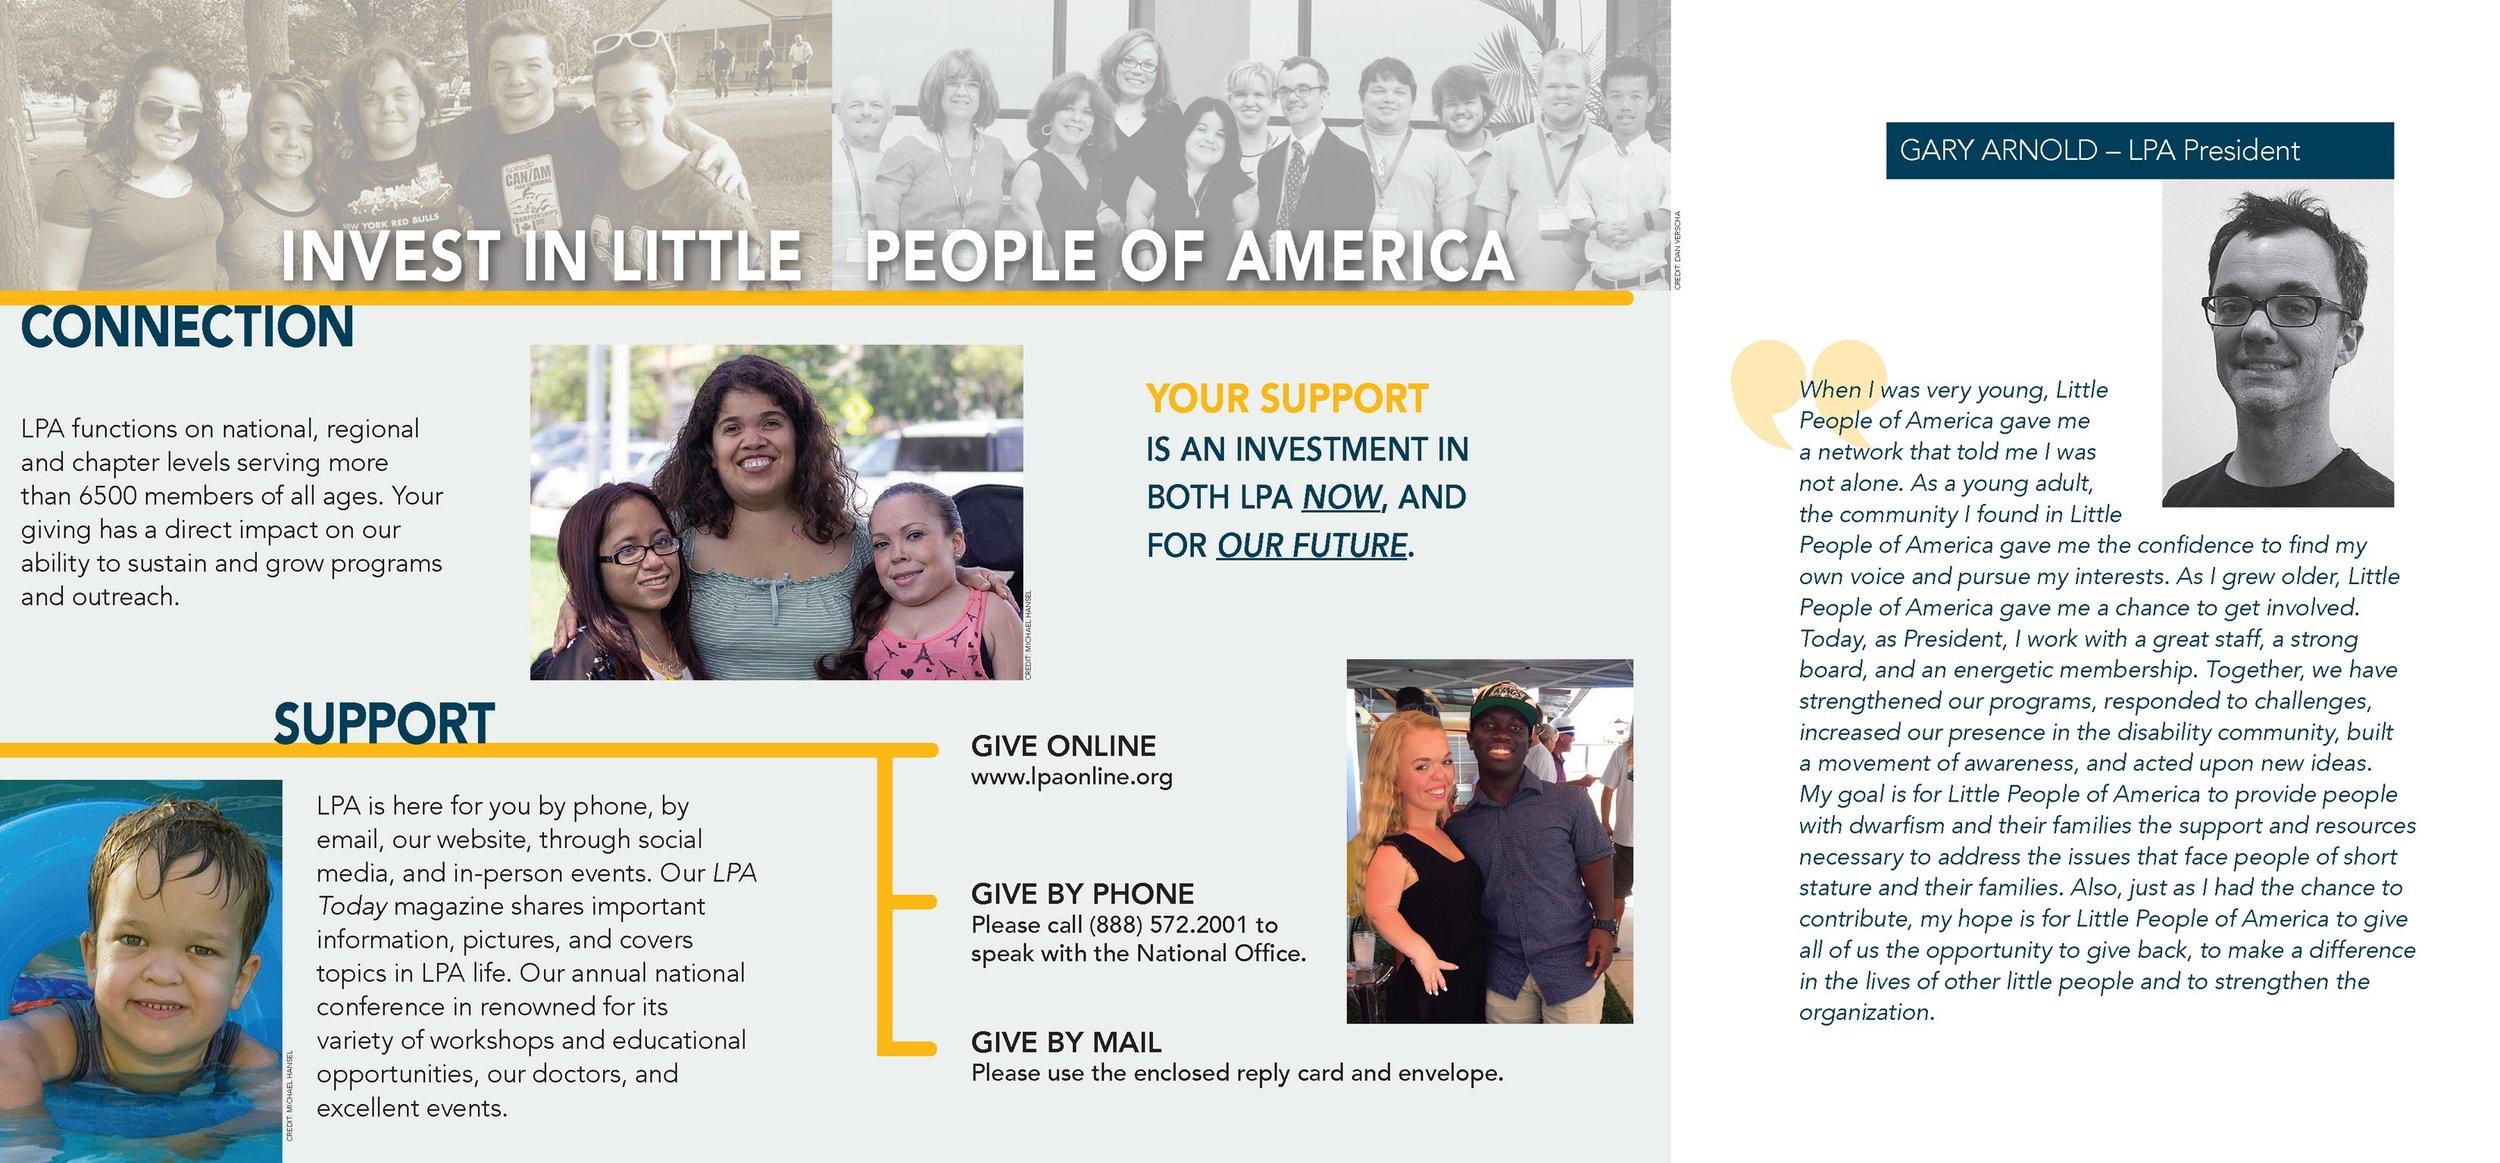 Little People of America Appeal Brochure  Tri-fold inside spread